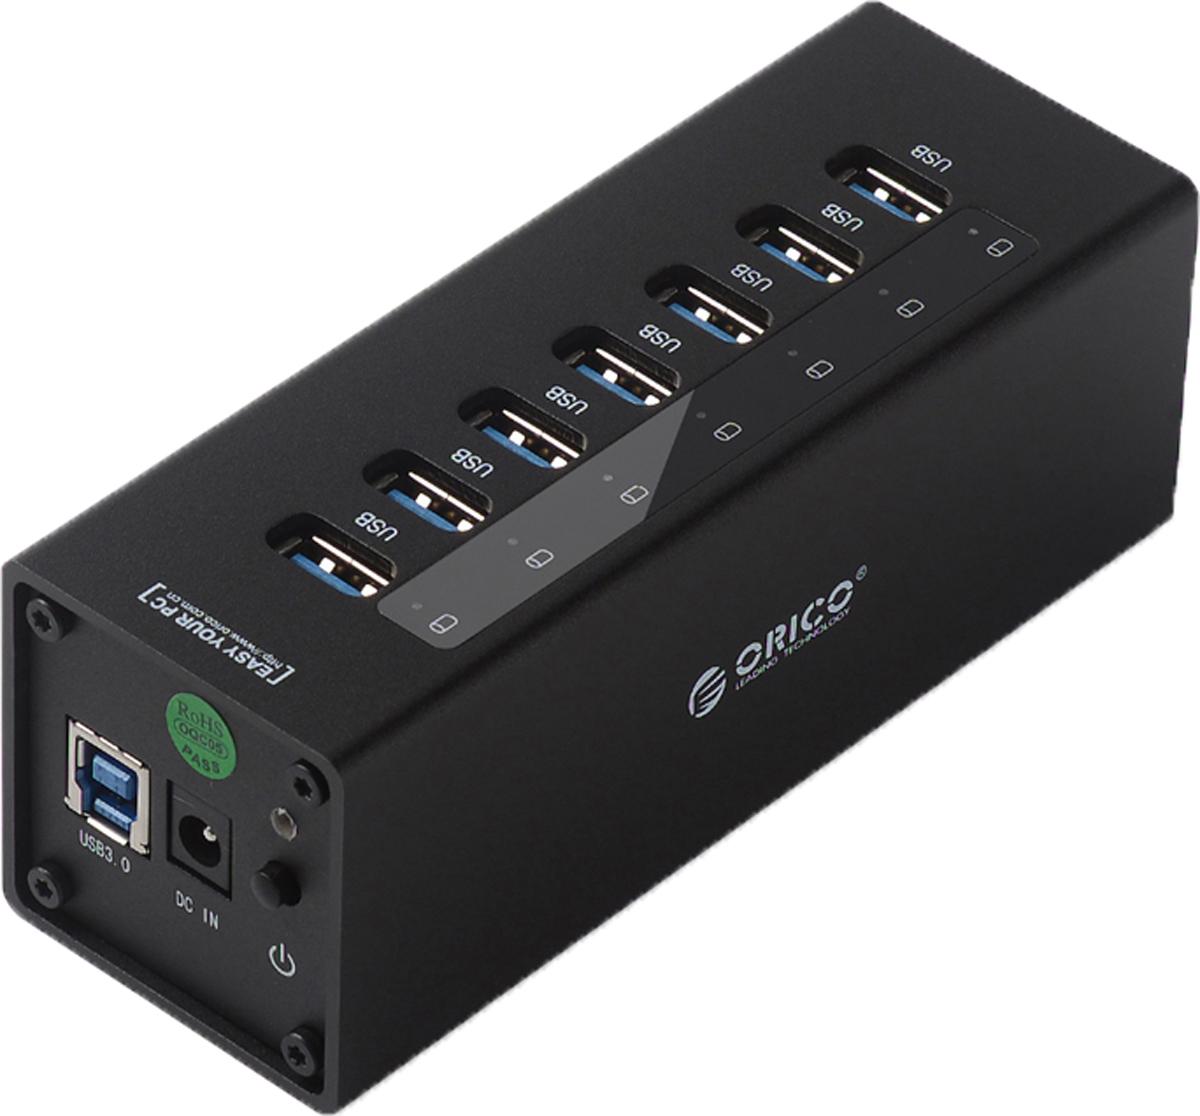 Orico A3H7 USB-концентратор, BlackORICO A3H7-BKБлагодаря своему дизайну и металлическому корпусу Orico A3H7 будет отлично смотреться рядом с компьютерами iMac, MacBook Air, MacBook Pro, MacBook, ПК и другими ноутбуками со светлыми корпусами из металла. Orico A3H7 оснащён 7 разъёмами USB 3.0 – такого количества универсальных портов хватит на все случаи жизни: для периферии, накопителей, принтеров, сканеров и других устройства. Все разъёмы Orico A3H7 обеспечивают скорость передачи данных в 5 Гбит/сек. Этой скорости с запасом хватит не только для подключения простой периферии, но для жёстких дисков и быстрых флэш-накопителей. USB-хаб Orico A3H7 оснащён двухъядерным контроллером Via-Labs VL812, который обеспечит стабильную работу концентратора при подключении большого количества устройств или при копировании больших объёмов данных на флешки или жёсткие диски. В комплекте с Orico A3H7 поставляется блок питания мощностью 30 Вт, который обеспечит электричеством все подключённые устройства. Высокопроизводительный USB-концентратор c семью портами USB 3.0.Двухъядерный контроллер VIA Vl812 гарантирует эффективное использование энергии и высокую скорость передачи данных.Алюминиевый корпус.Скорость передачи данных до 5 Гбит/c.Внешний блок питания.Кабель USB 3.0 длиной 1 метр.Характеристики:Источник питания: Внешний блок питания 30 ВтМатериал корпуса: АлюминийВход USB 3.0 Type BВыход USB 3.0 Type AUSB выходов: 7Стандарты USB: 3.0; 2.0; 1.1; 1.0Скорость сигнала: 5 Гбит/секПоддерживаемые ОС: Windows XP, Vista, 7, 8, 8.1, 10, Mac OS и LinuxИндикатор питания LED синийДлина кабеля 1 метр.